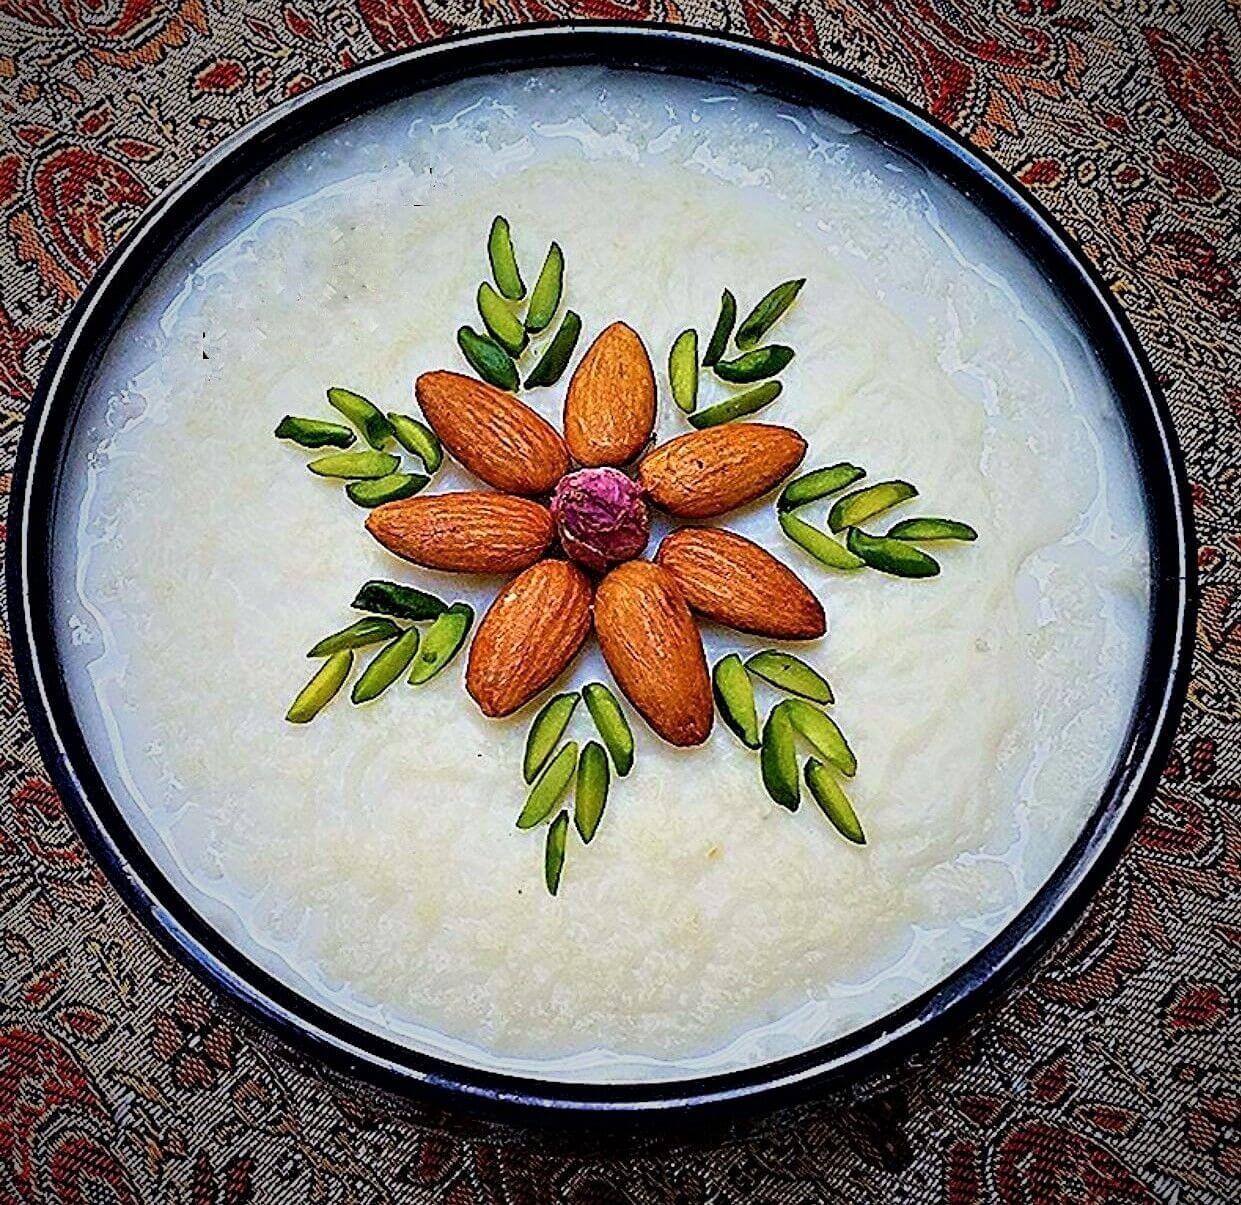 طرز تهیه شیر برنج؛ دسری برای تمام فصلها